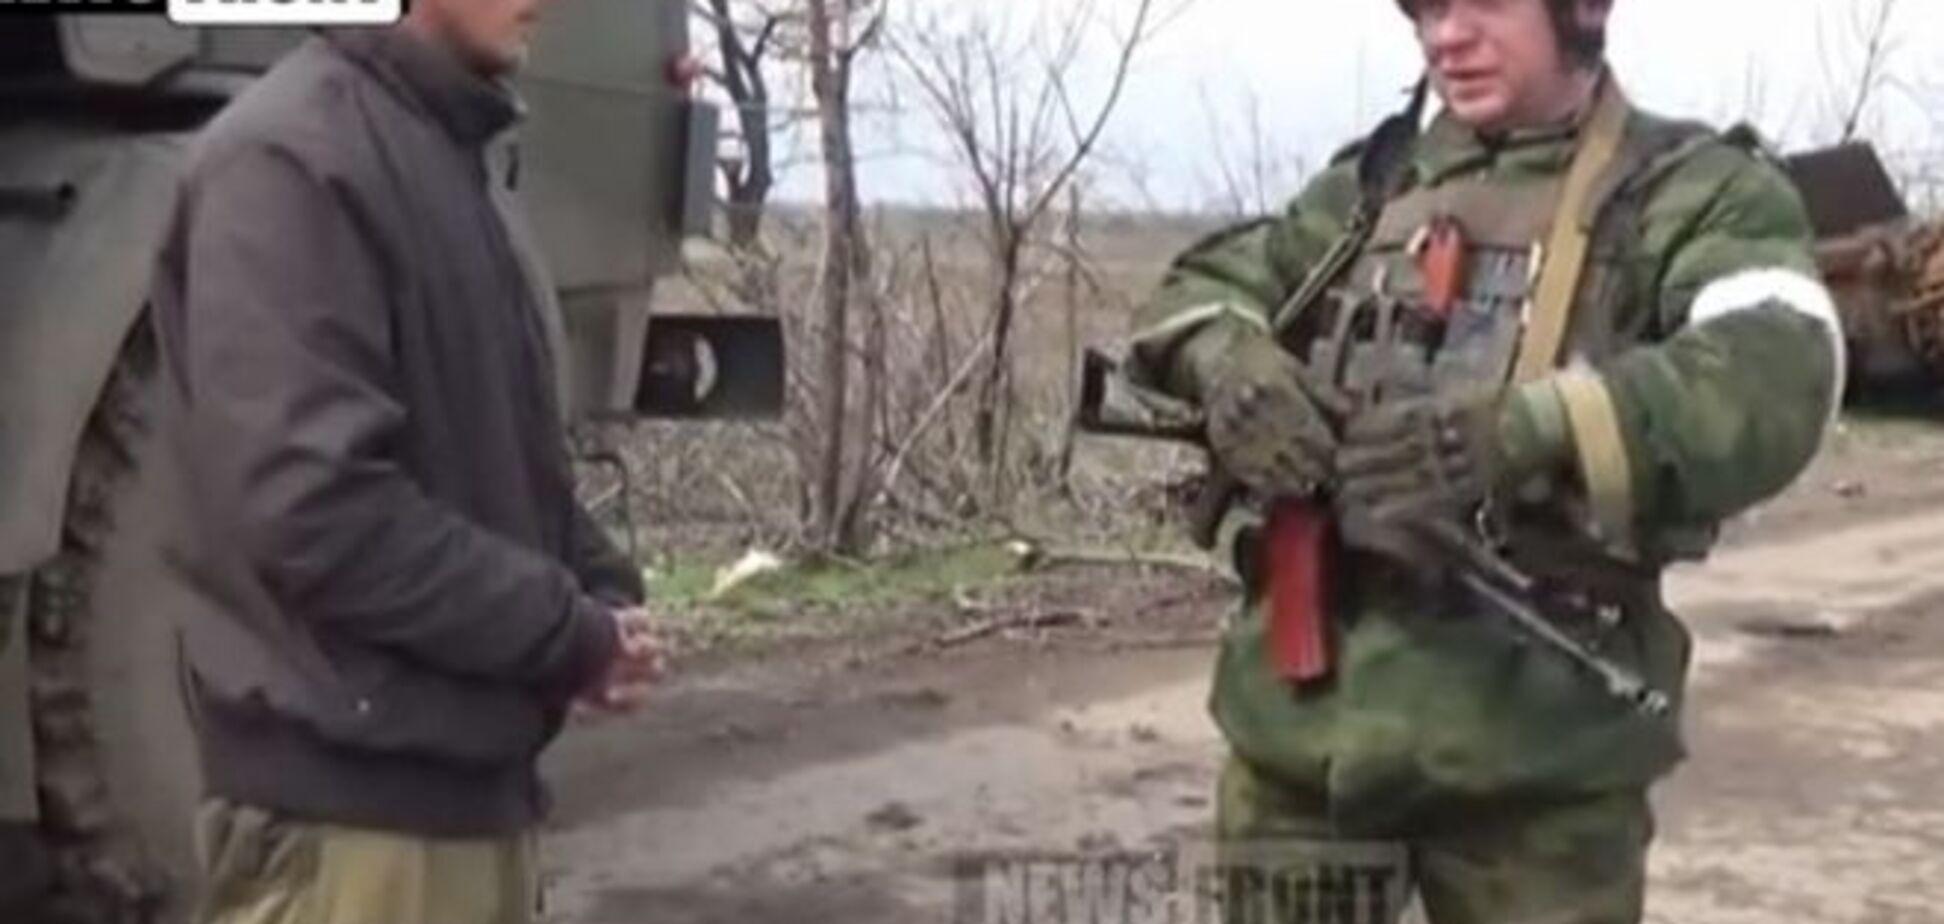 'Бандеровцы' в прошлом: у российских наемников новая цель - 'антихристы в Киеве': видеофакт